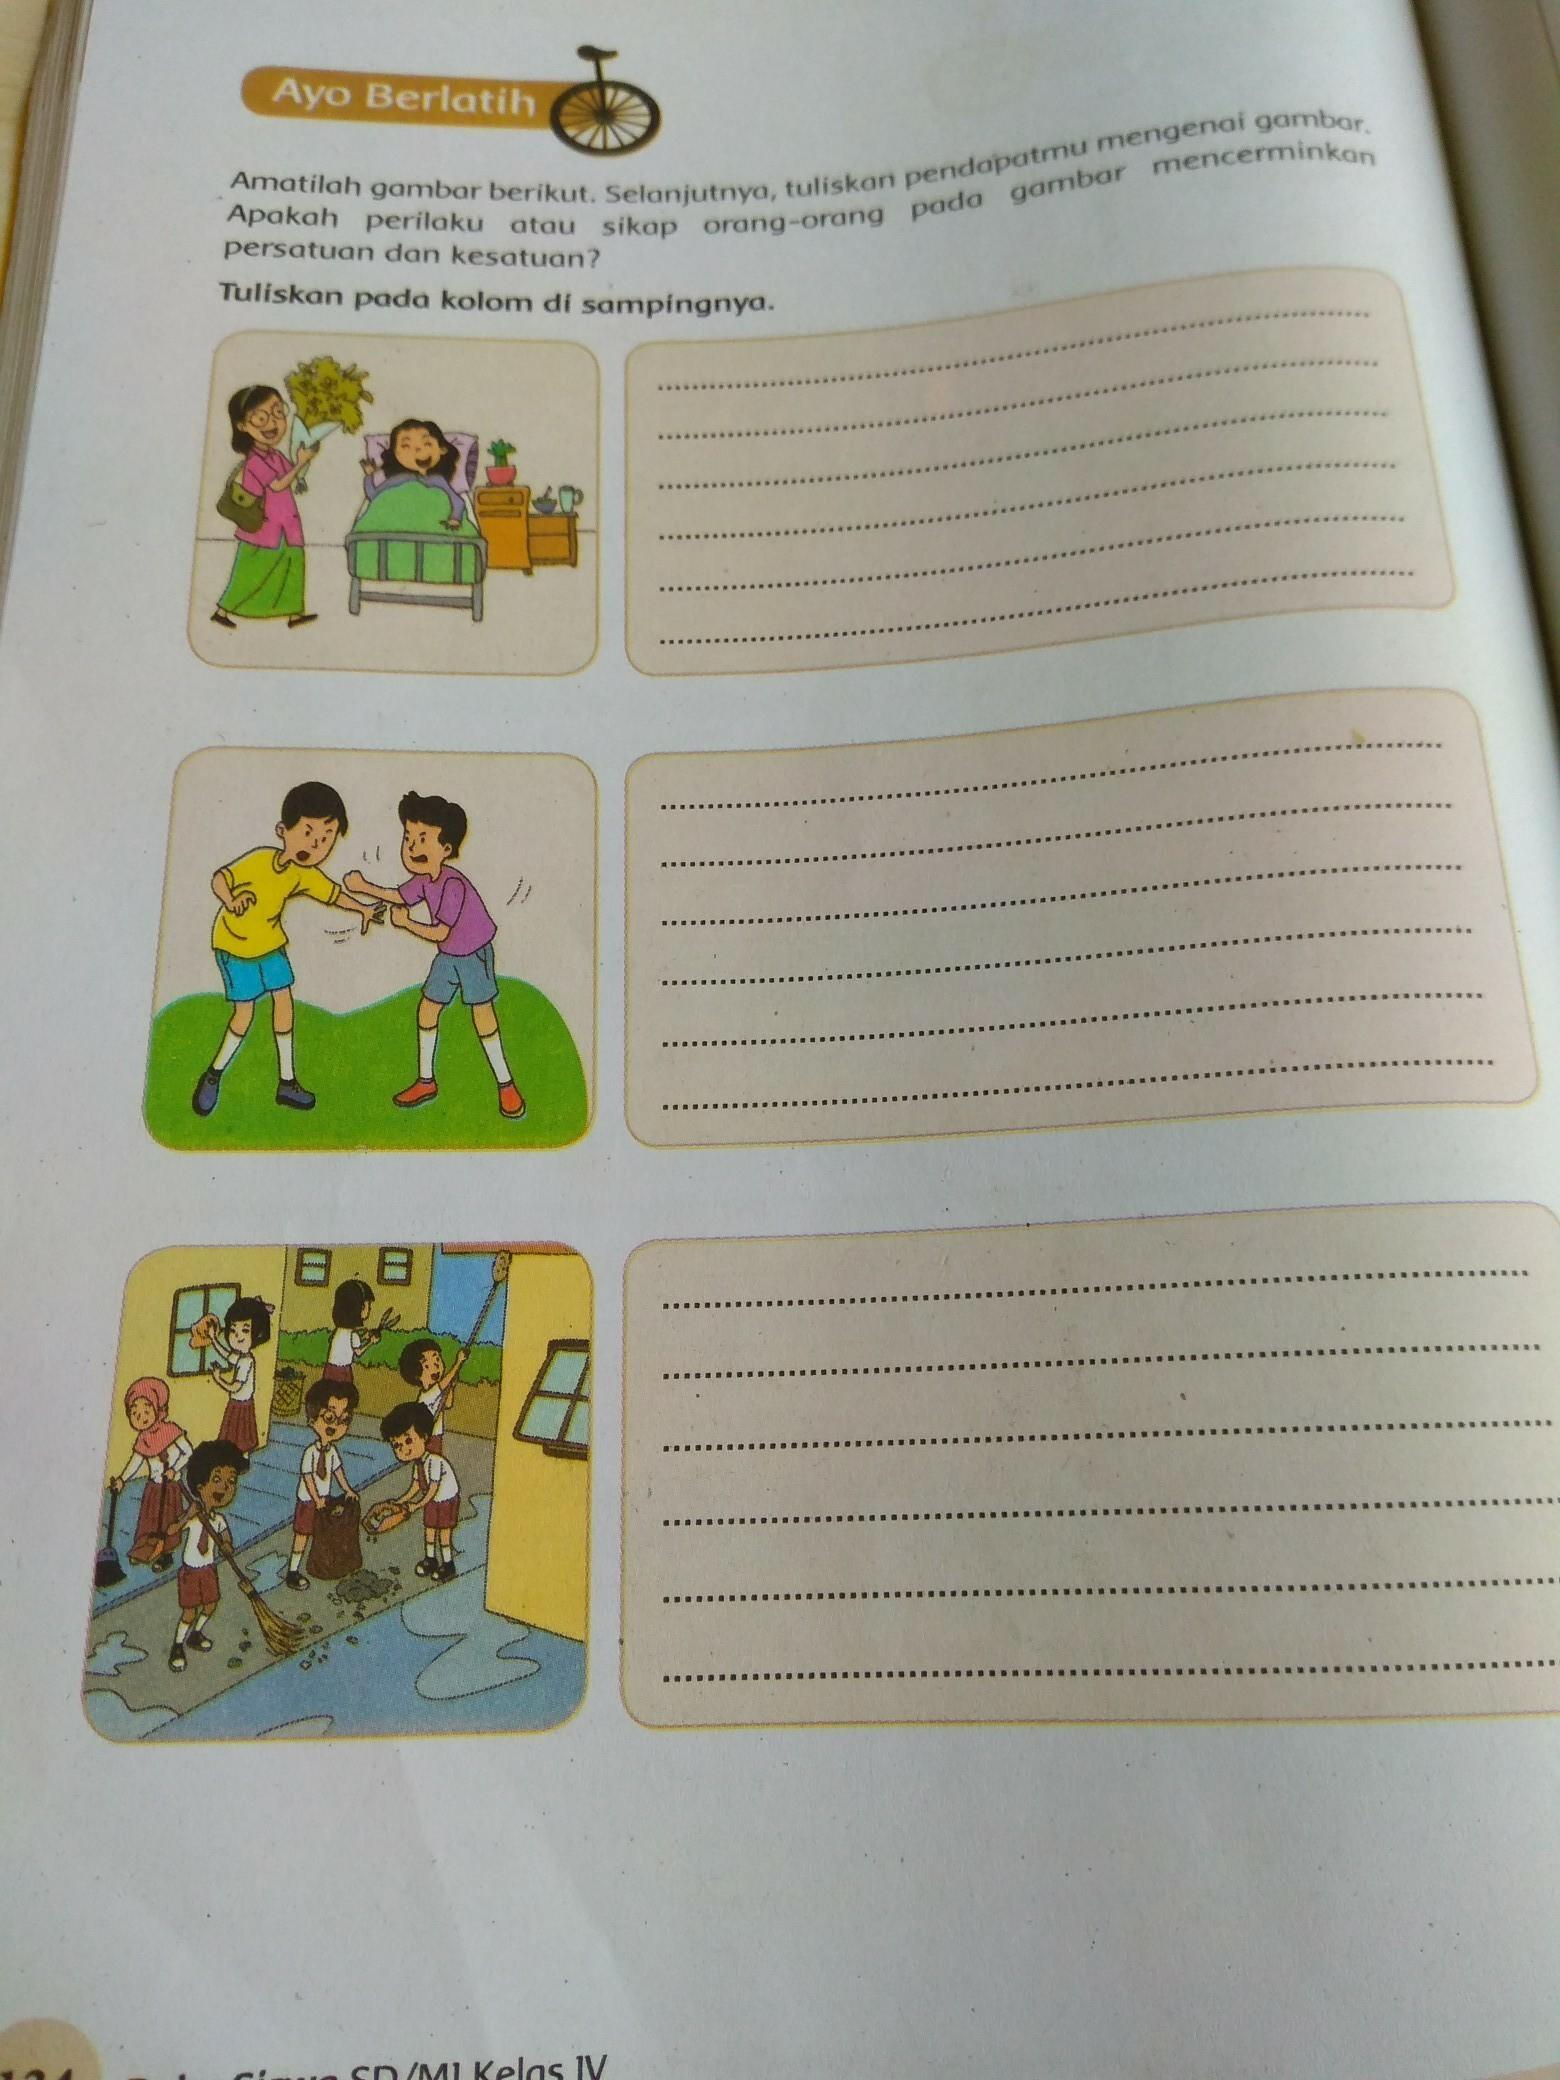 Pelajaran Kelas 4 Tema 9 Tolong Ya Dijawab Plisss Yg Dijawab